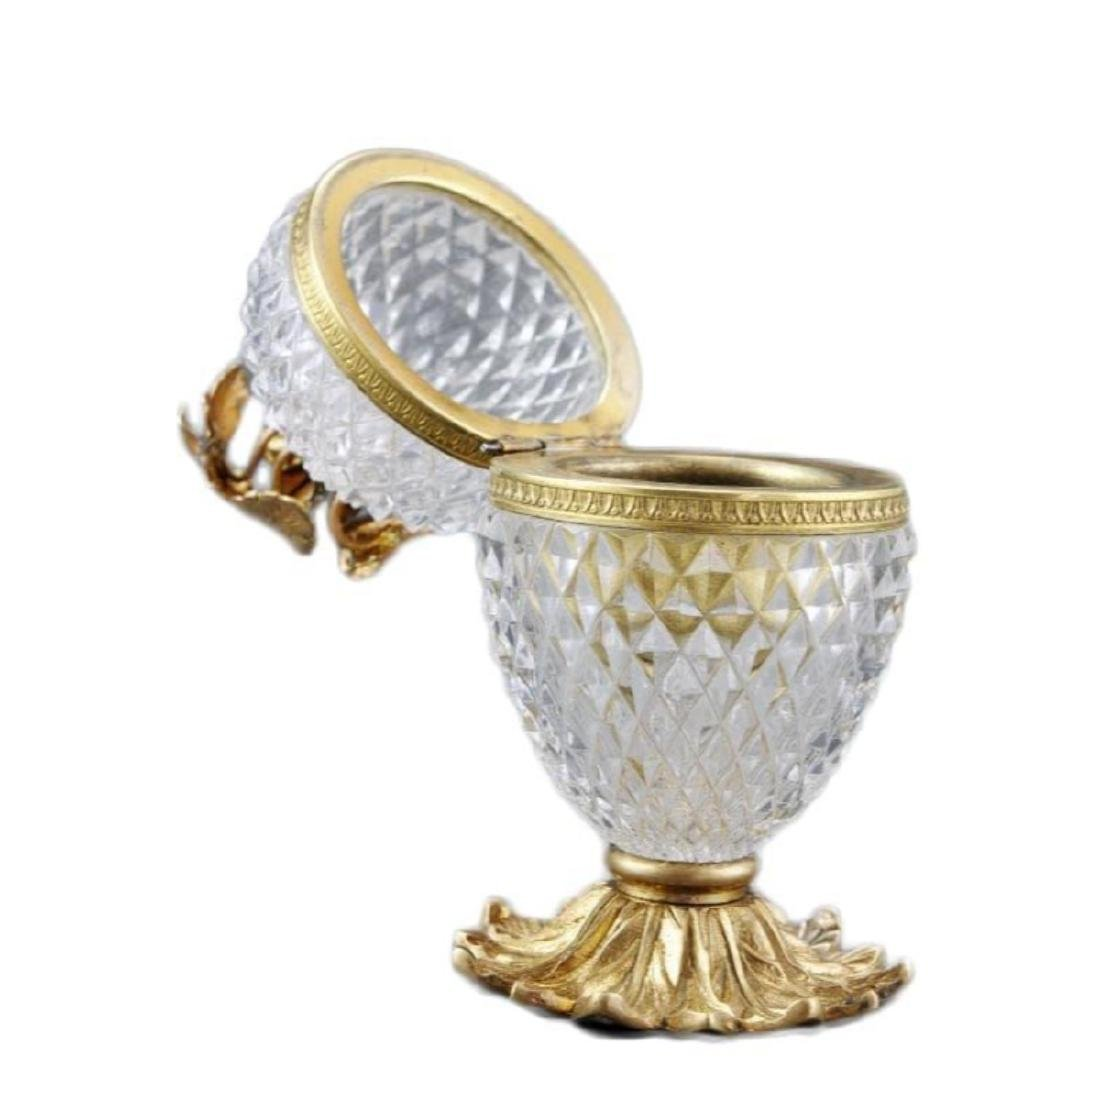 French Cut Crystal Jewel Casket Trinket Box - 6